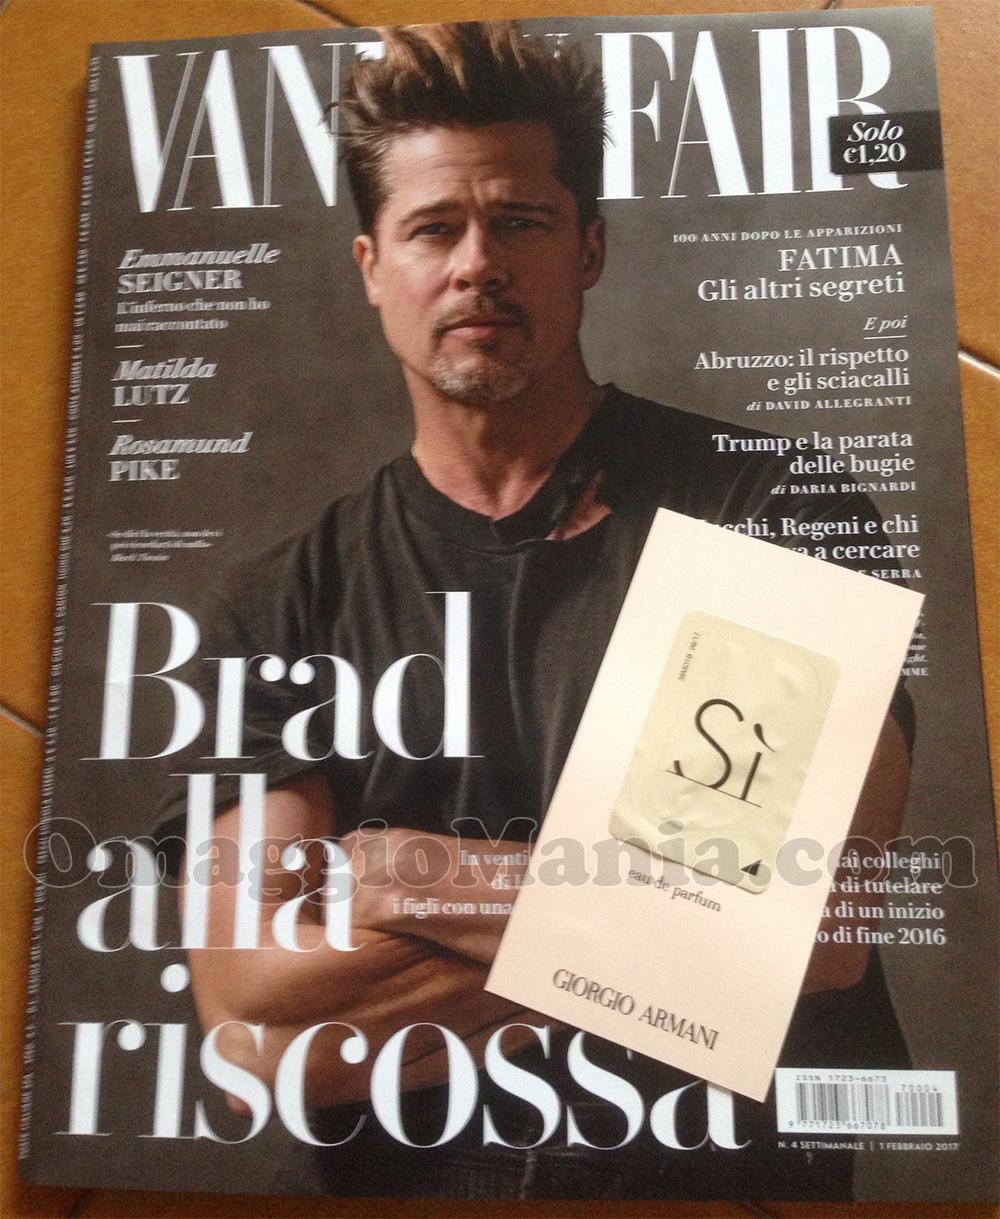 Vanity Fair 4 Gratis Rivista E Cartolina Profumata Di Giorgio Armani Si Omaggiomania